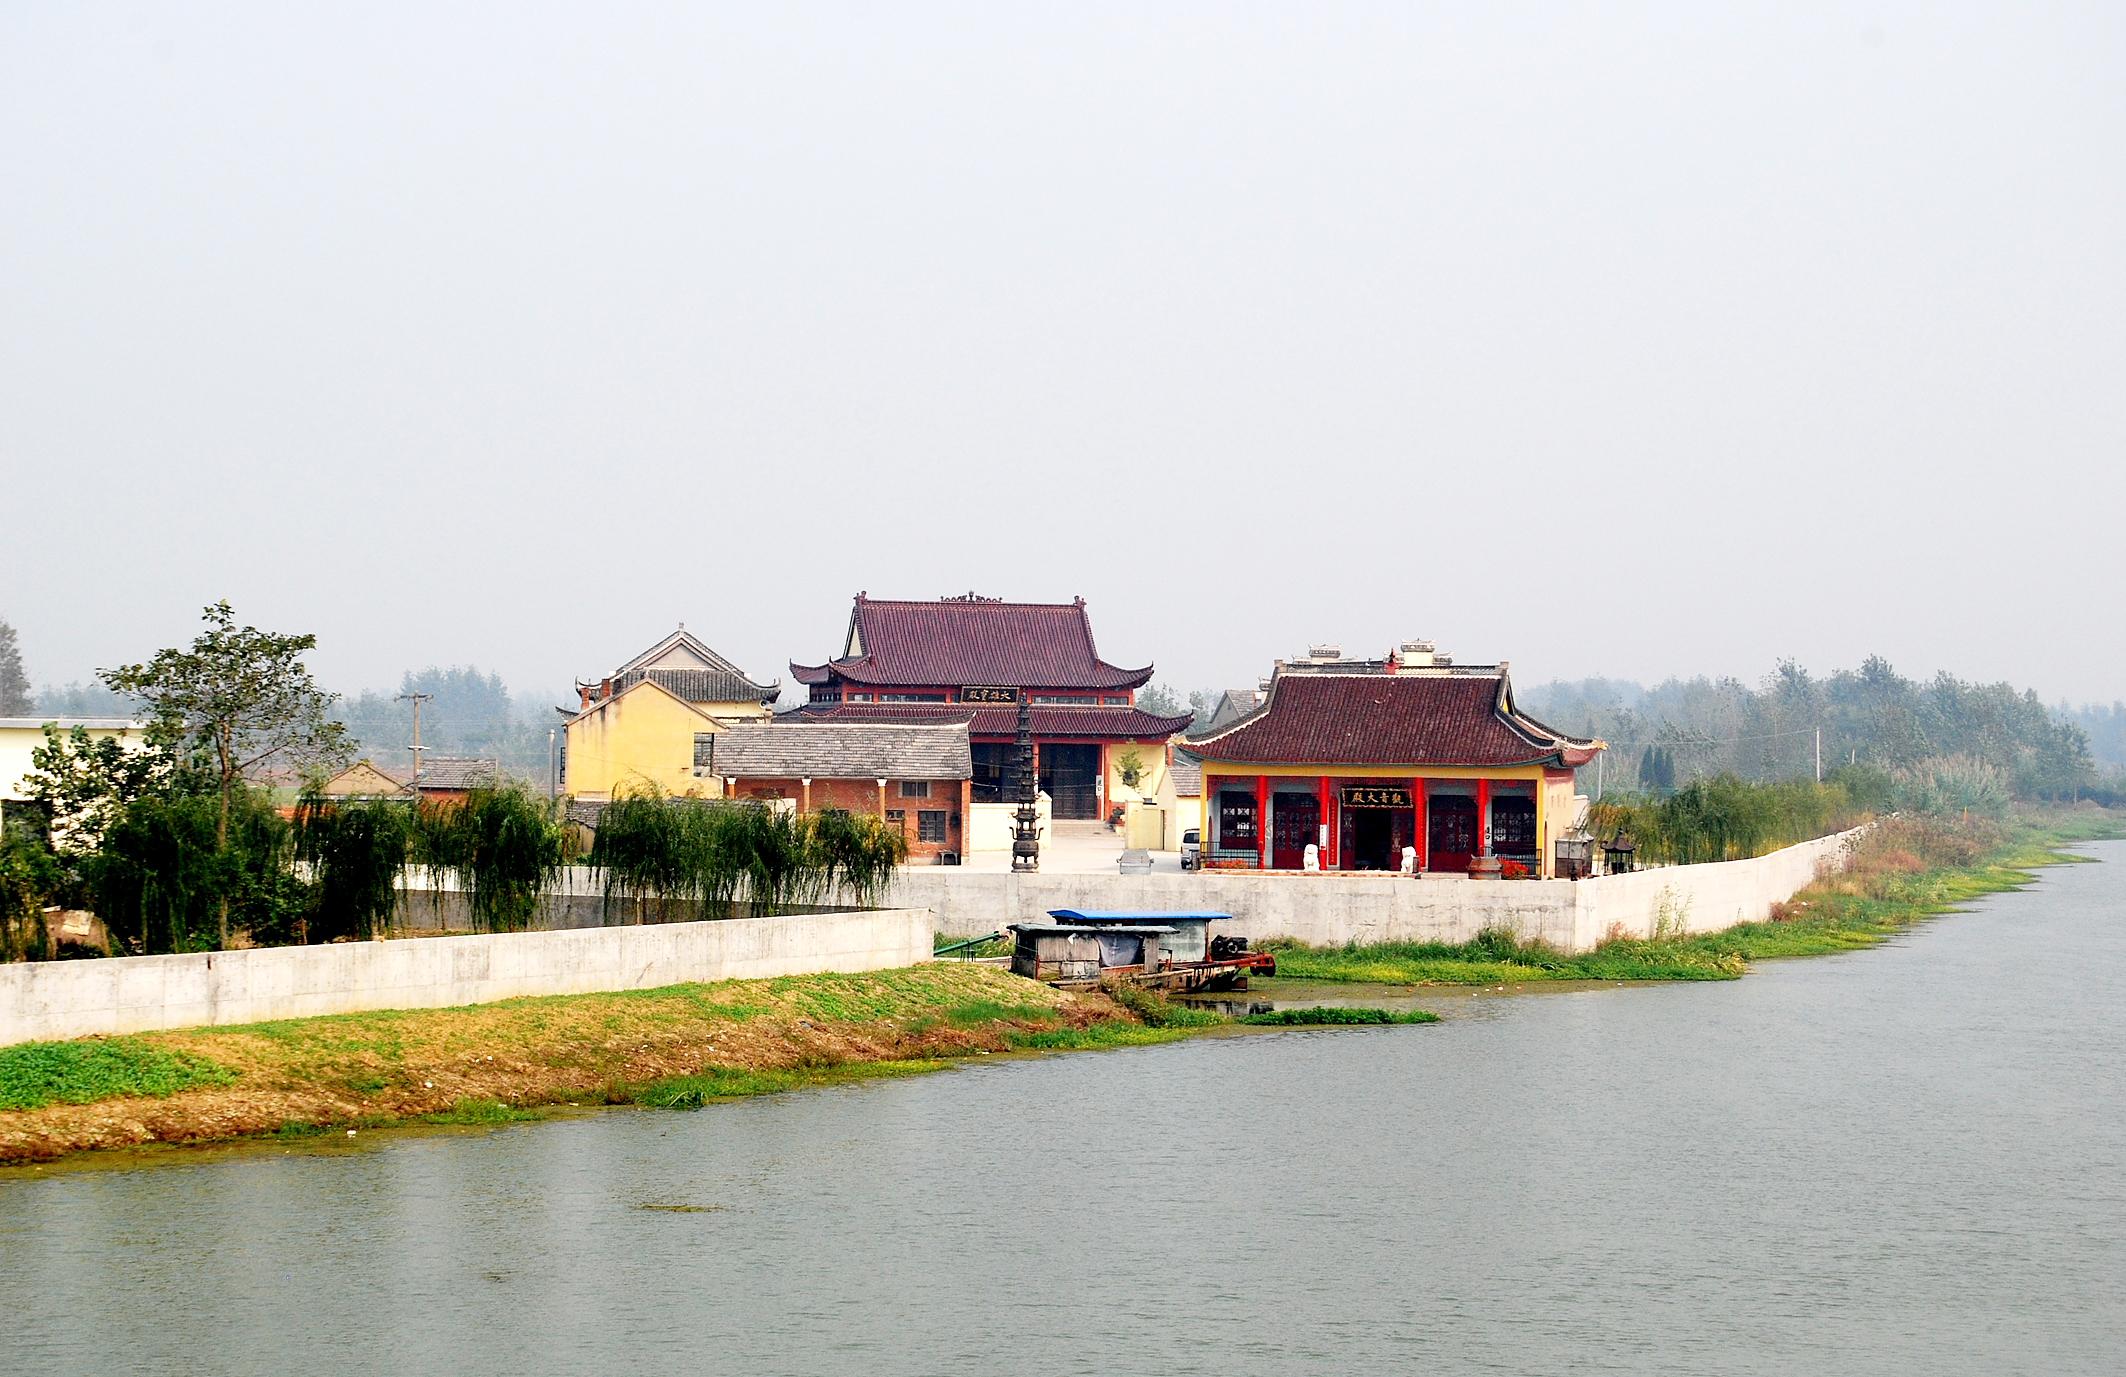 65西阳村DSC_0238.JPG